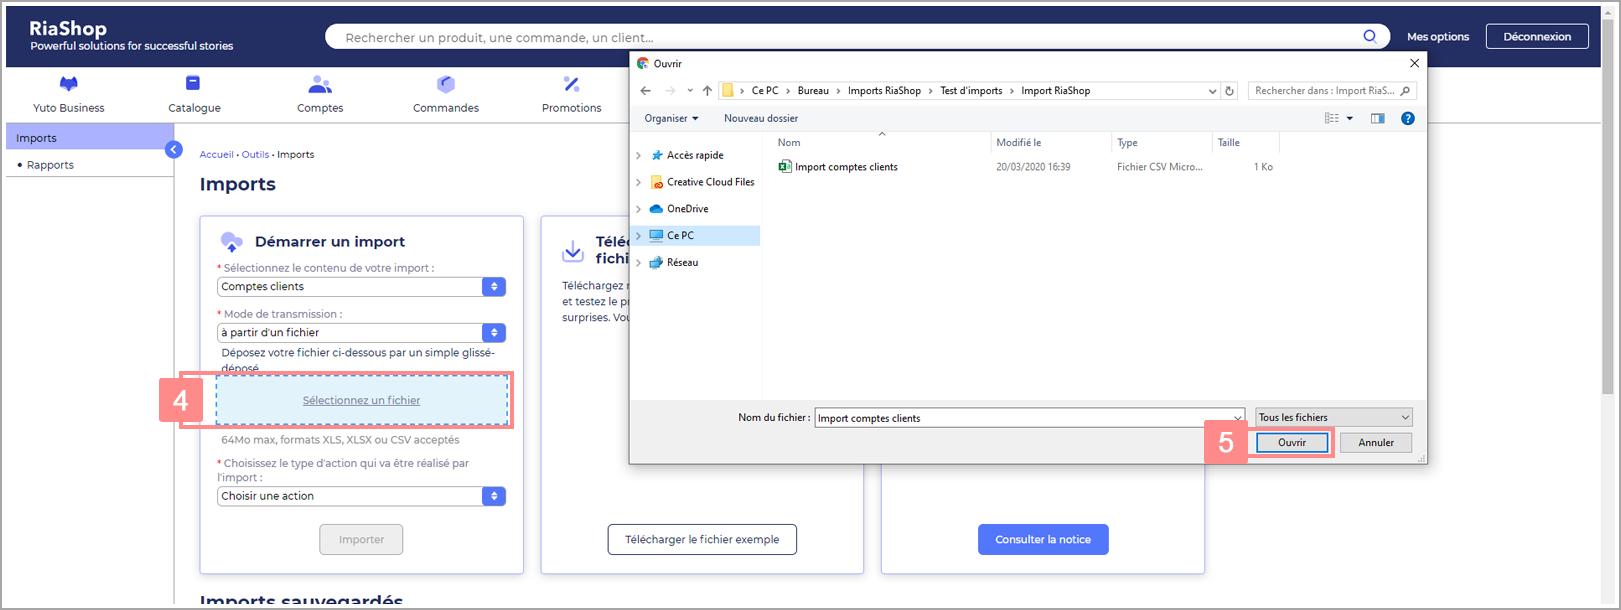 Transmission des comptes clients par un fichier d'import dans RiaShop - Aide Yuto Business